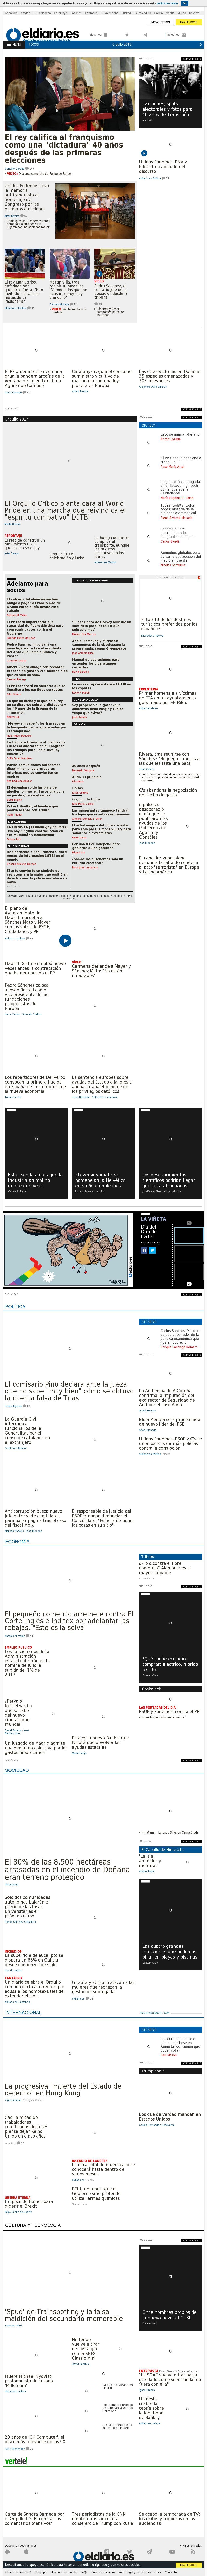 El Diario at Thursday June 29, 2017, 1:03 a.m. UTC